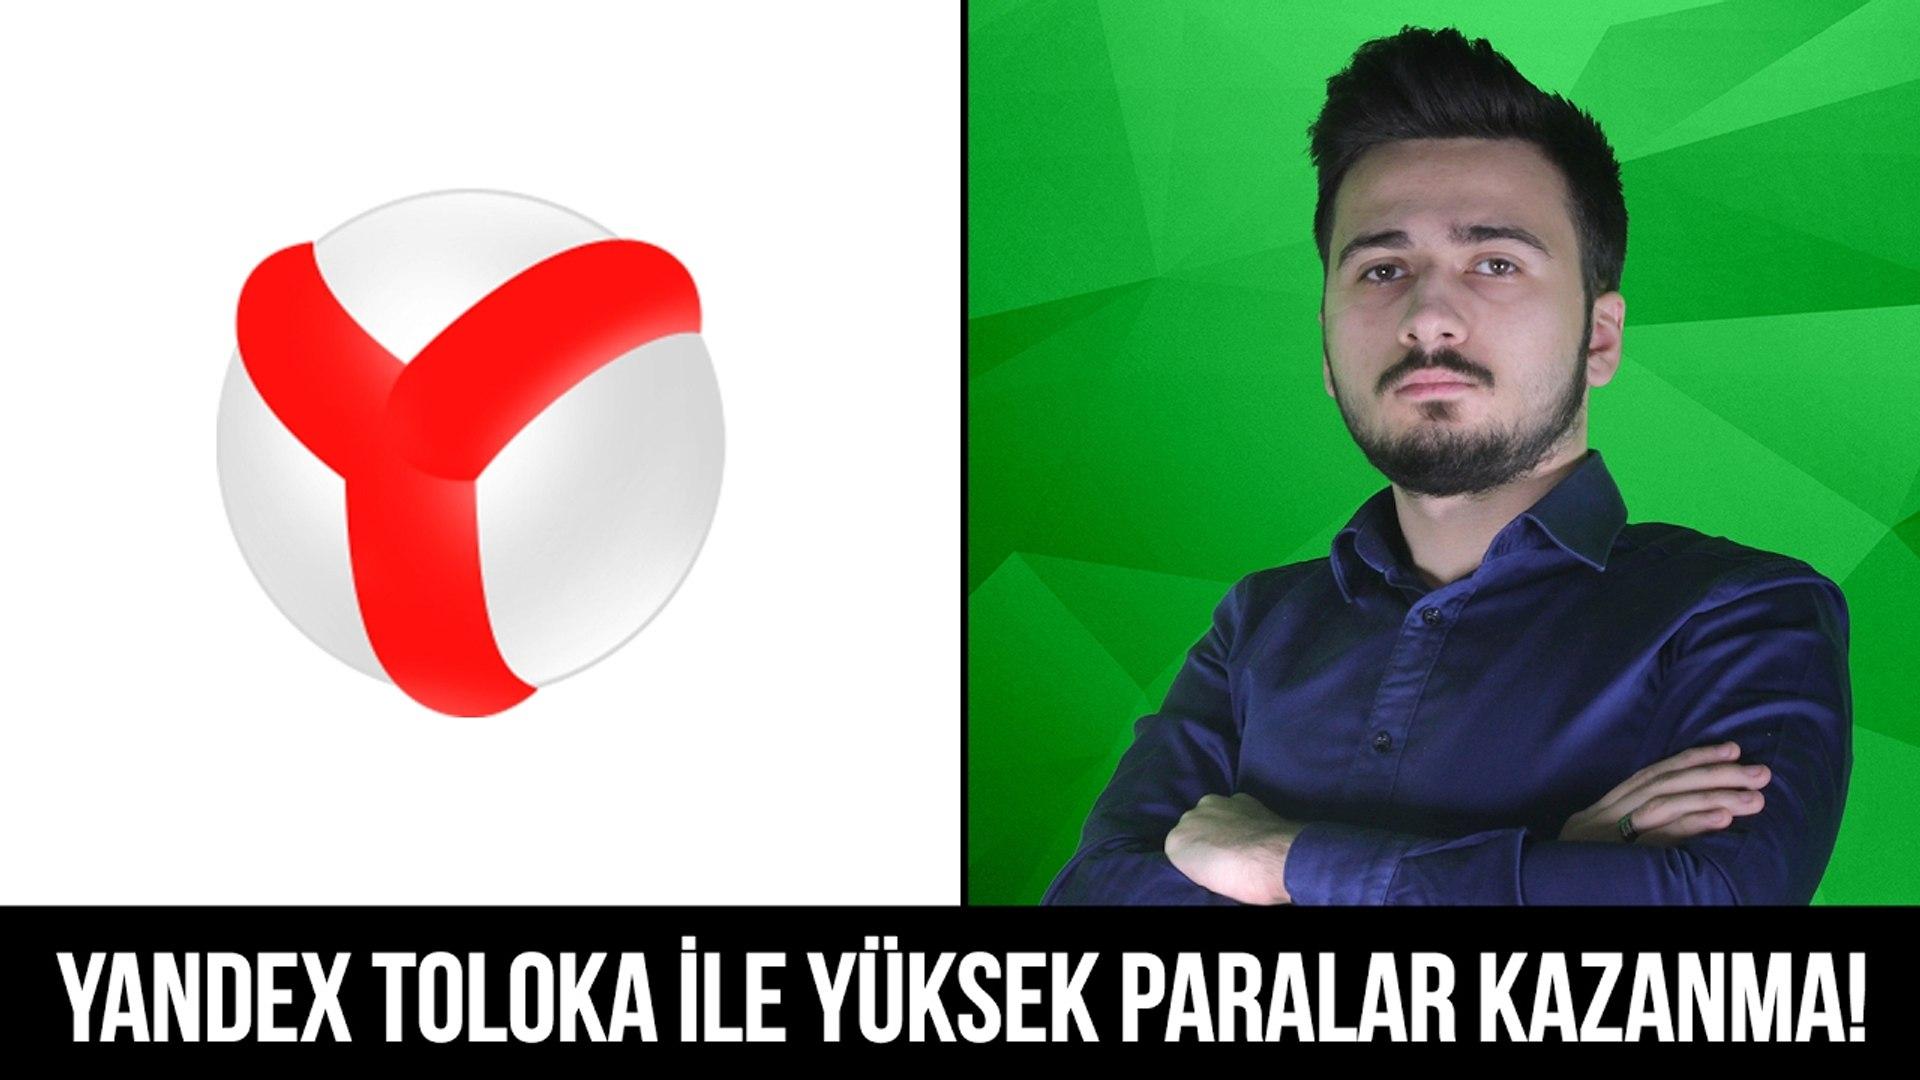 Yandex Toloka ile Yüksek Paralar Kazanma!